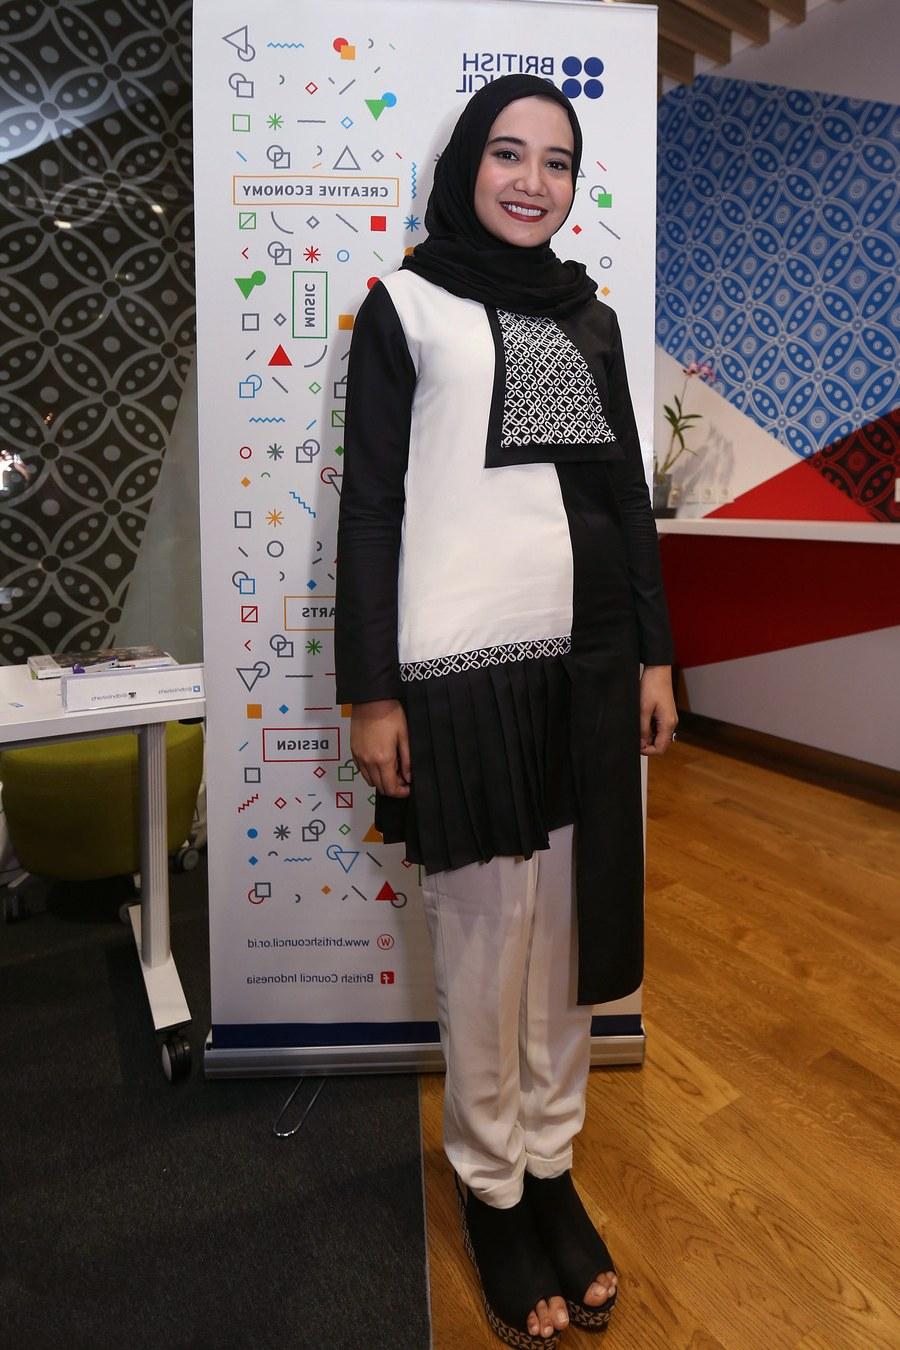 Design Baju Lebaran Zaskia Sungkar Bqdd Trend Baju Lebaran 2018 Menurut Desainer Ternama Indonesia